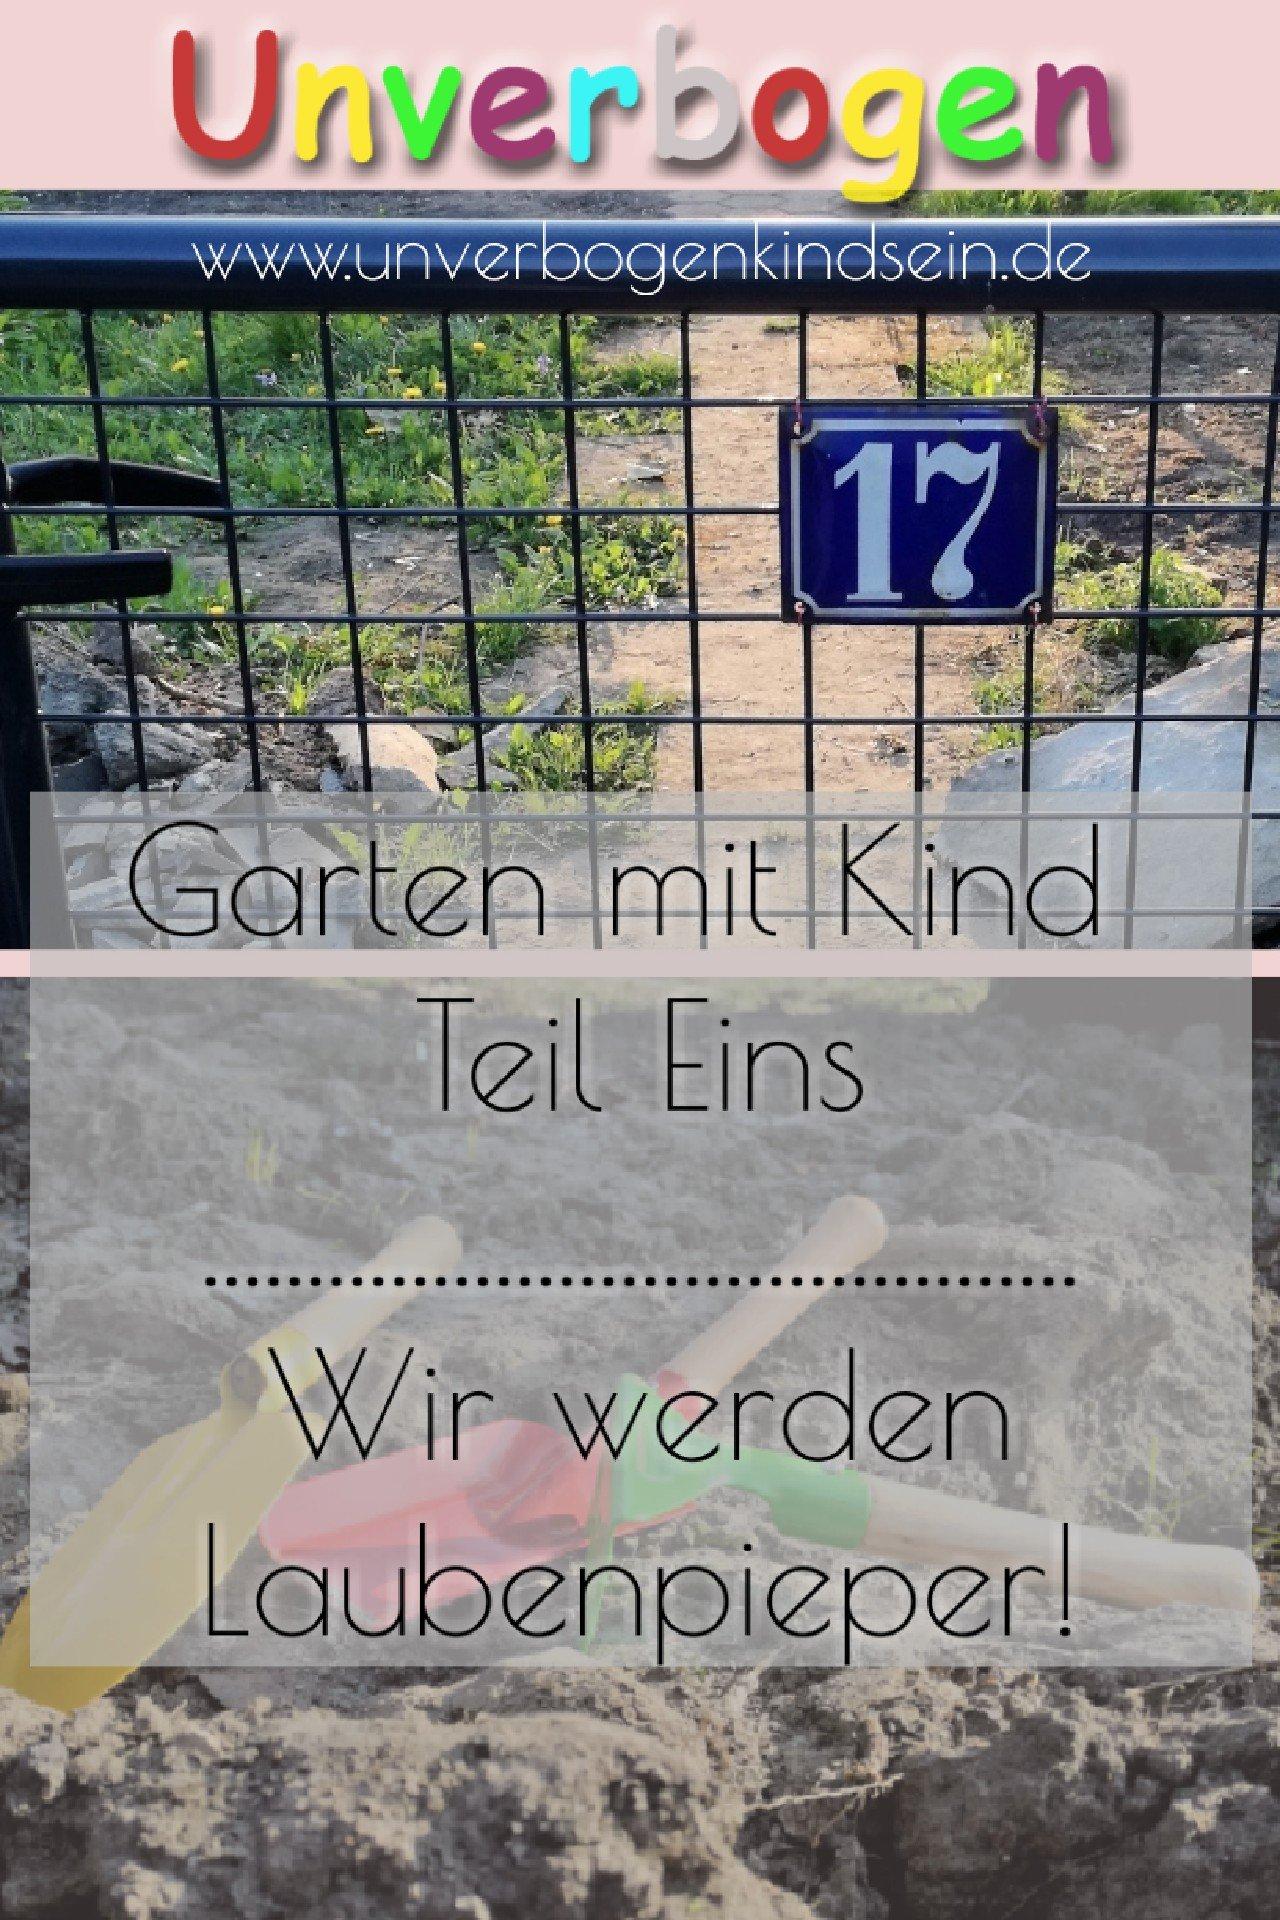 GArten mit Kind | Kleingarten | Unverbogen Kind Sein